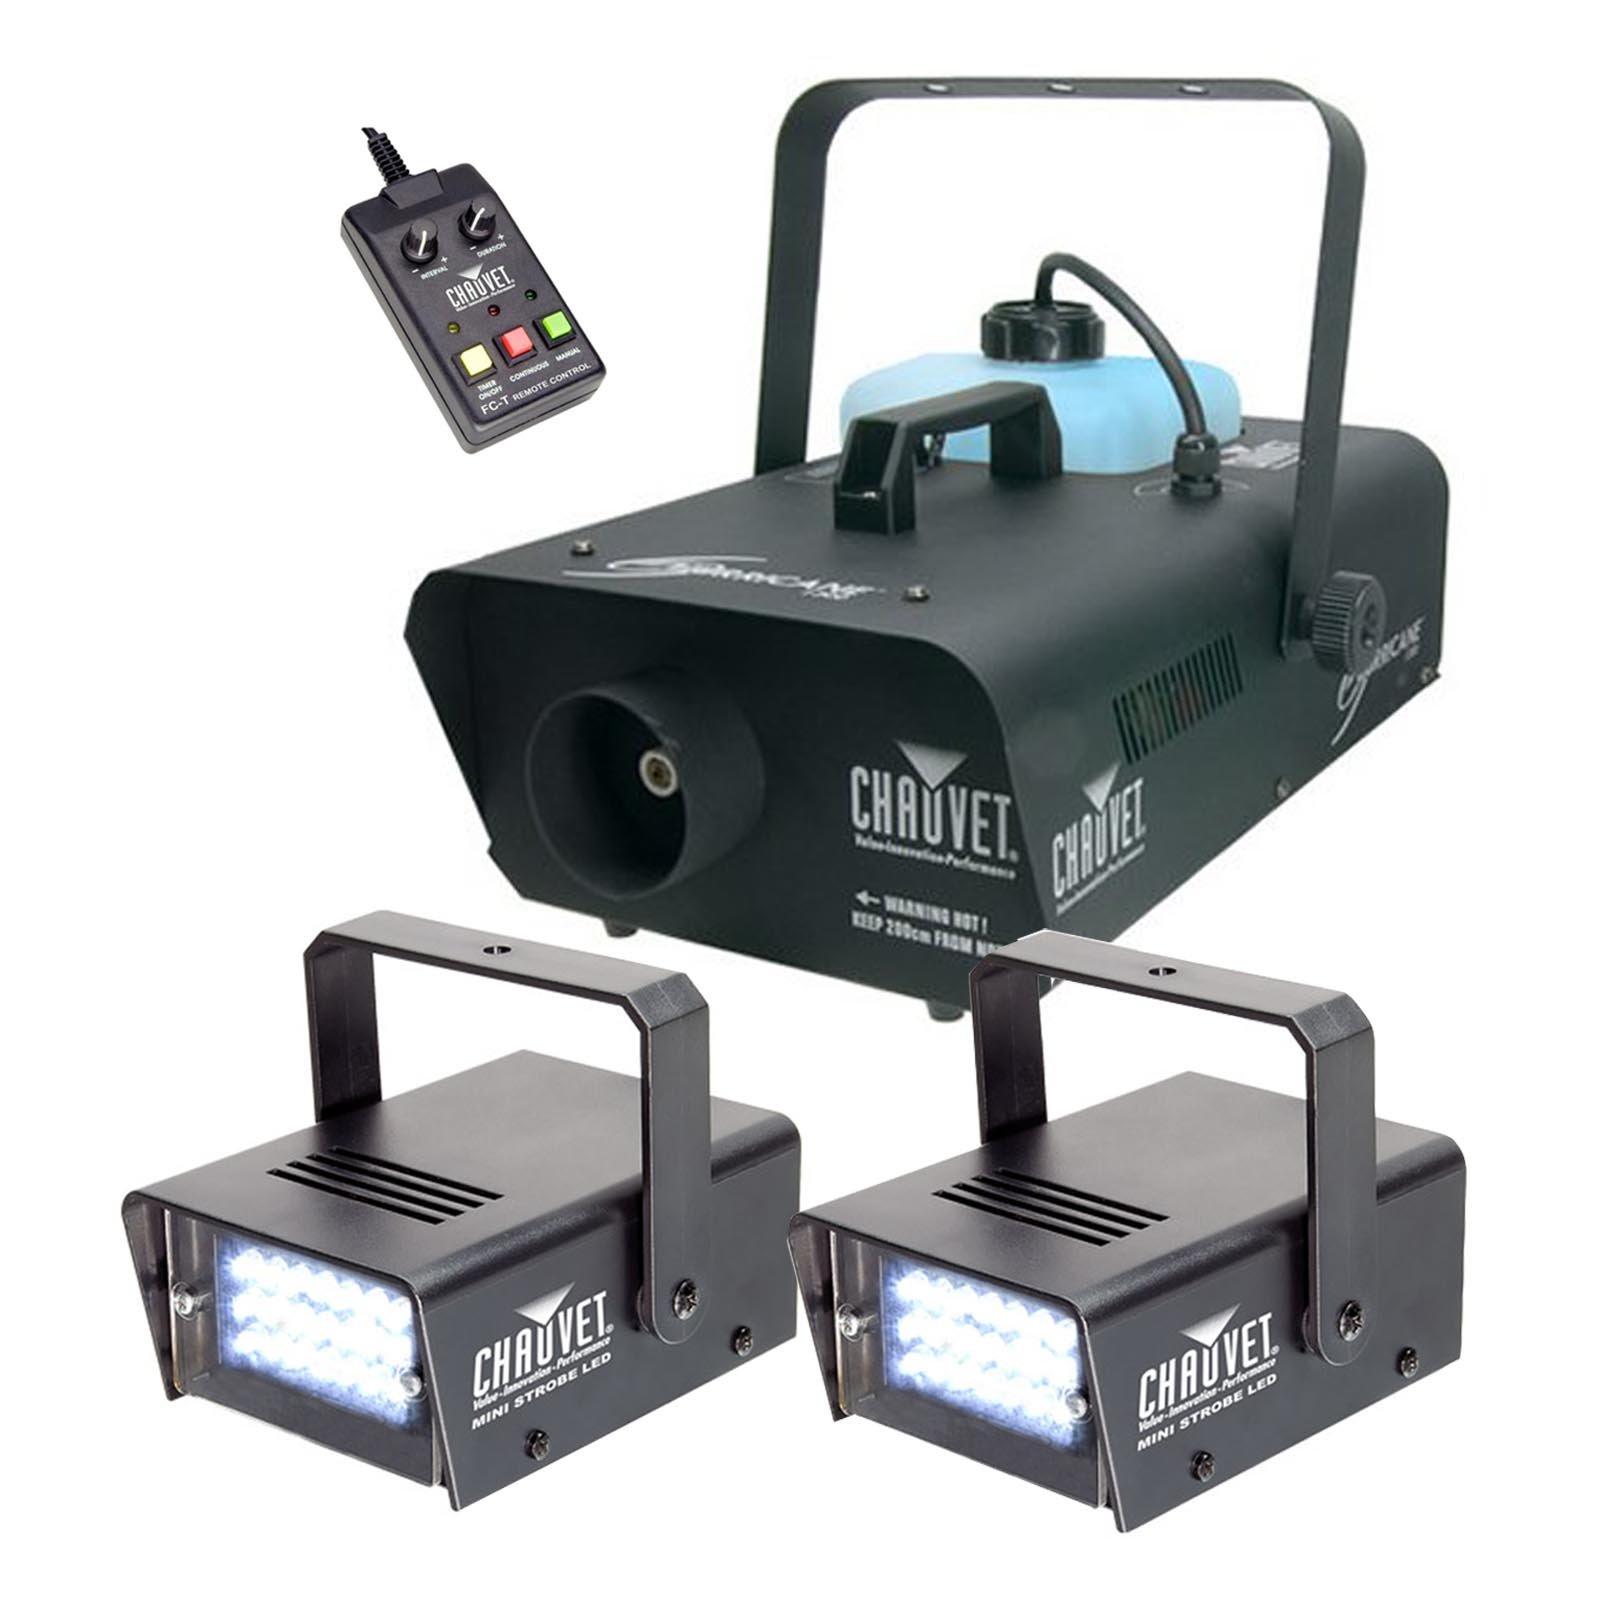 (2) CHAUVET LED Mini Strobe Lights + Hurricane H1300 Smoke Fog Machine w/ Remote